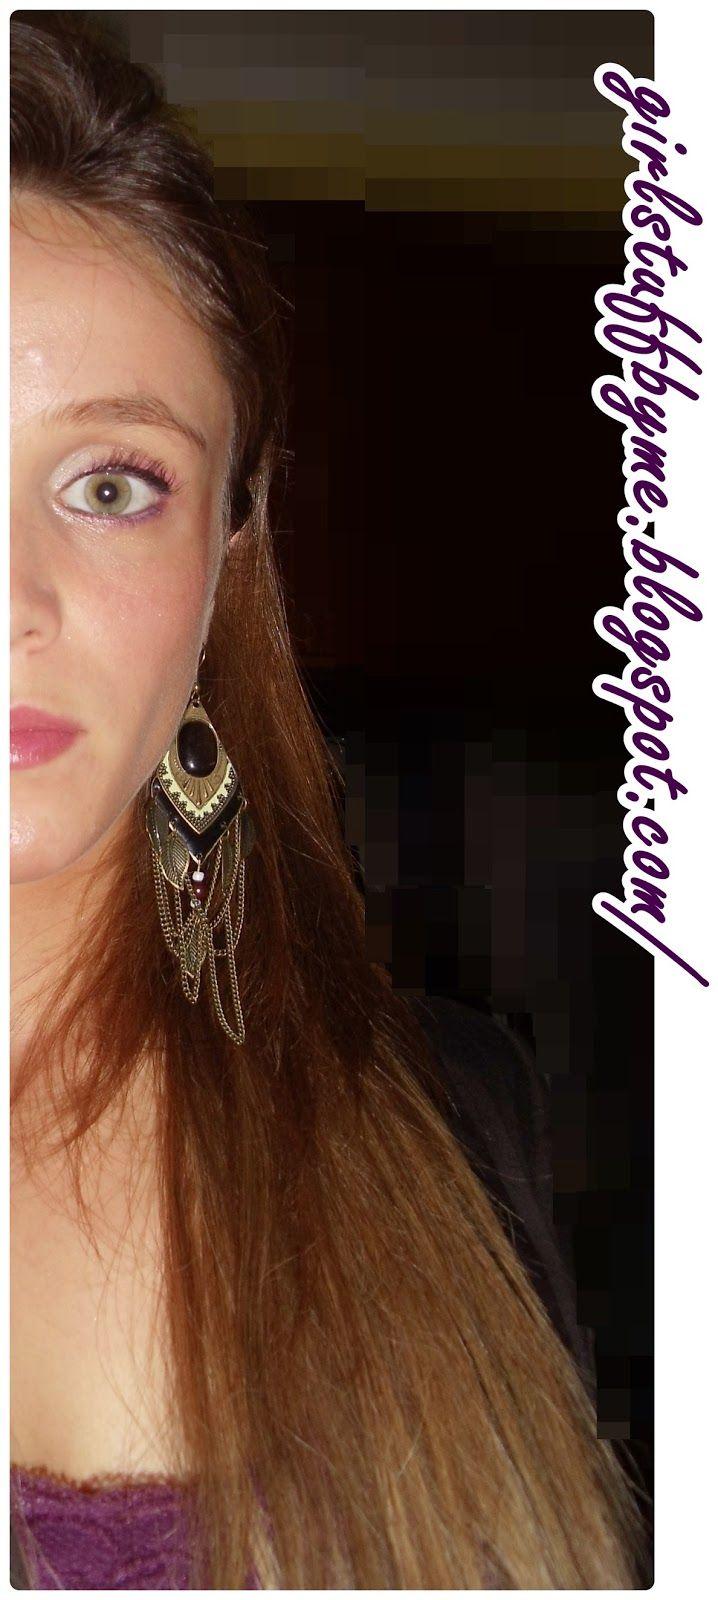 #makeup #brinco #greeneye